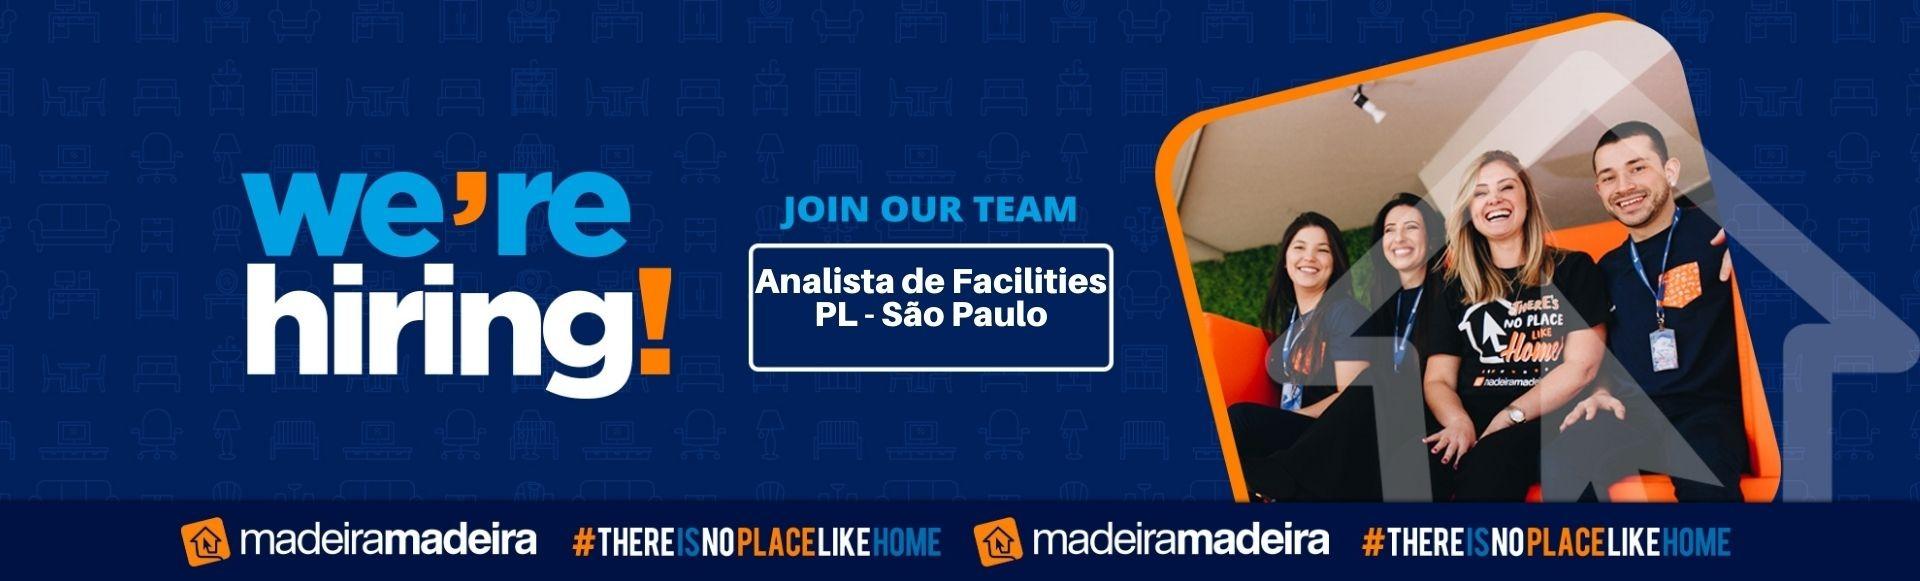 Analista de Facilities  PL - Inspeção  (São Paulo - SP)